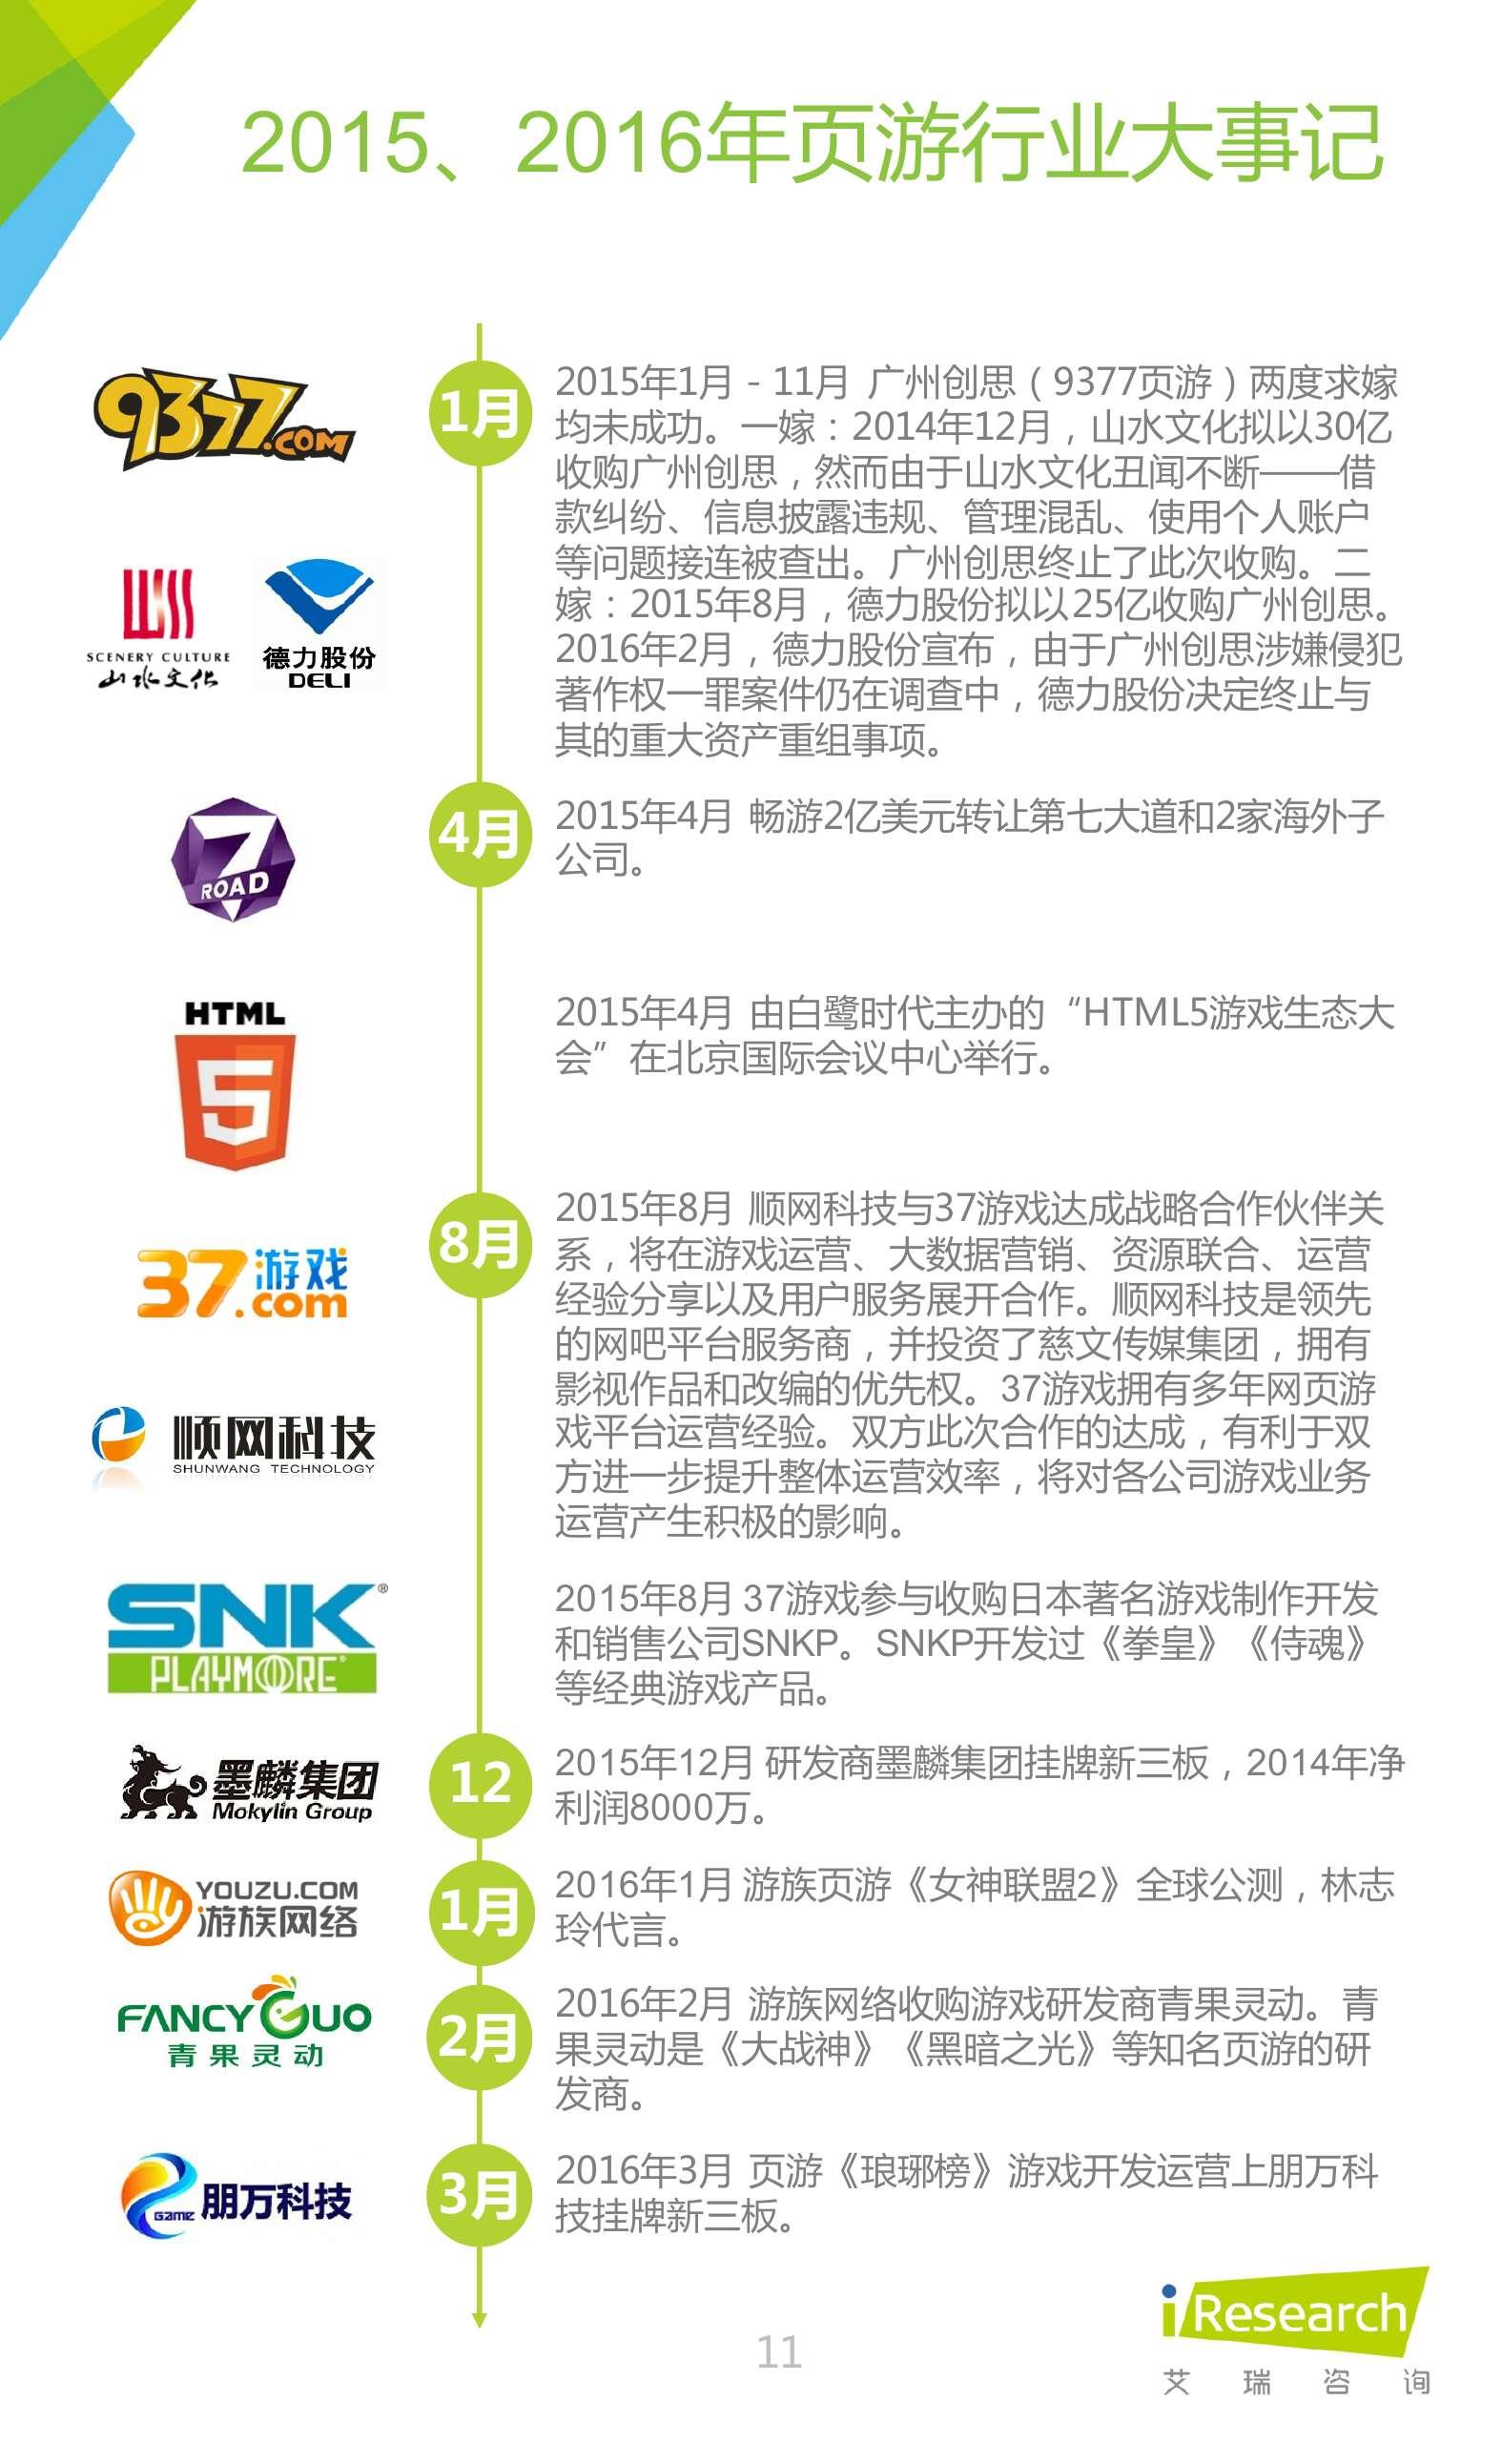 2016年中国网页游戏行业研究报告_000011